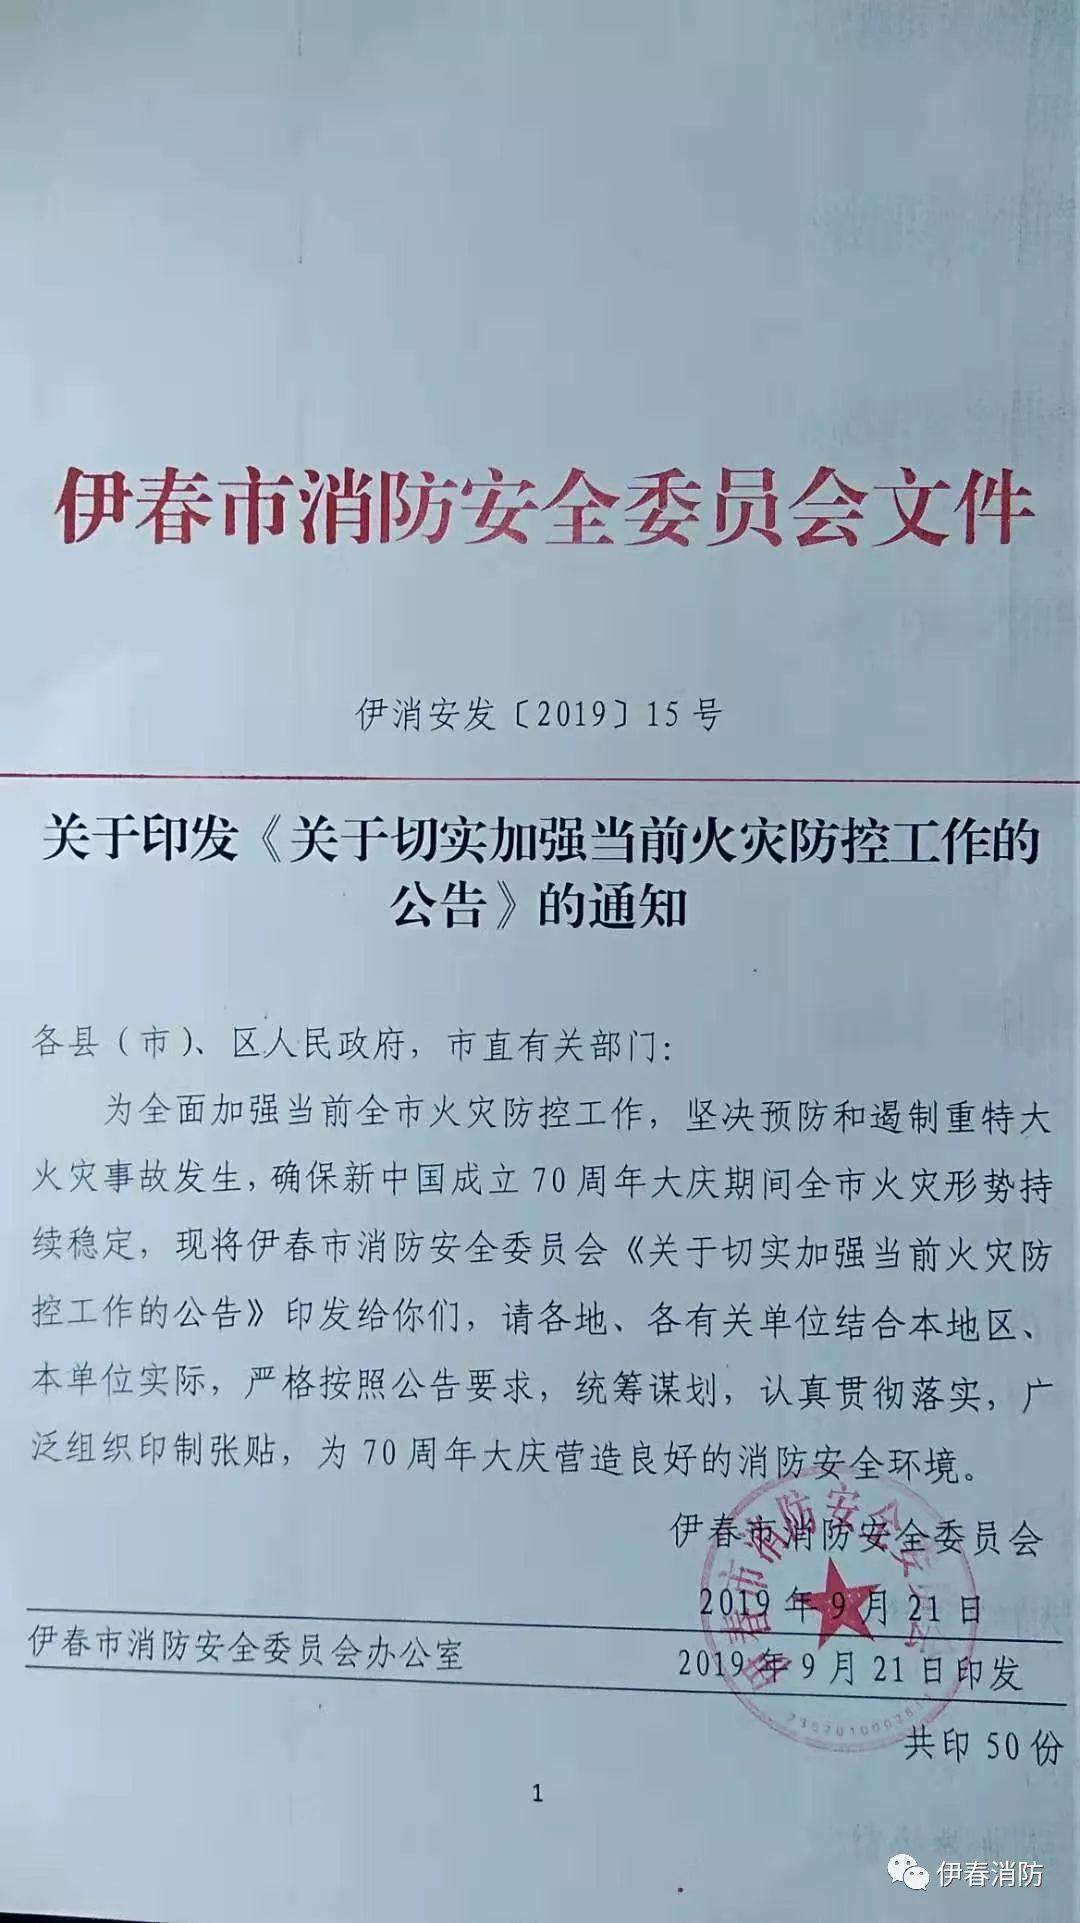 伊春市政府发布关于切实加强当前火灾防控工作的公告